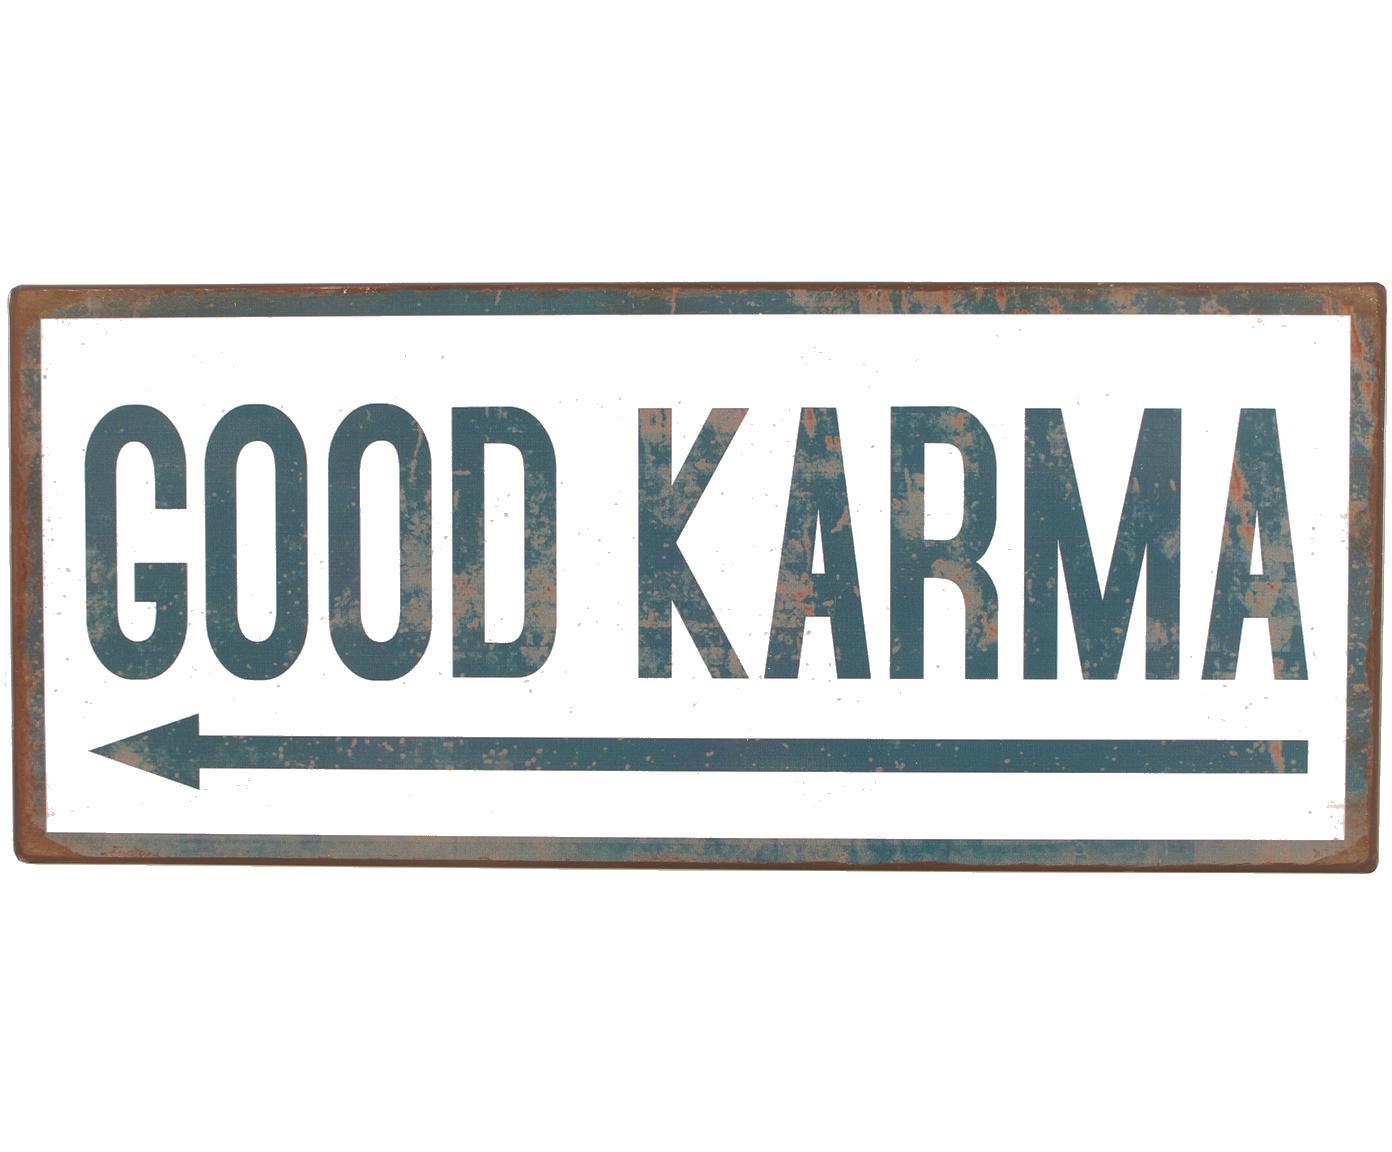 Wandbord Good Karma, Metaal, met motieffolie bekleed, Wit, blauw, 31 x 13 cm